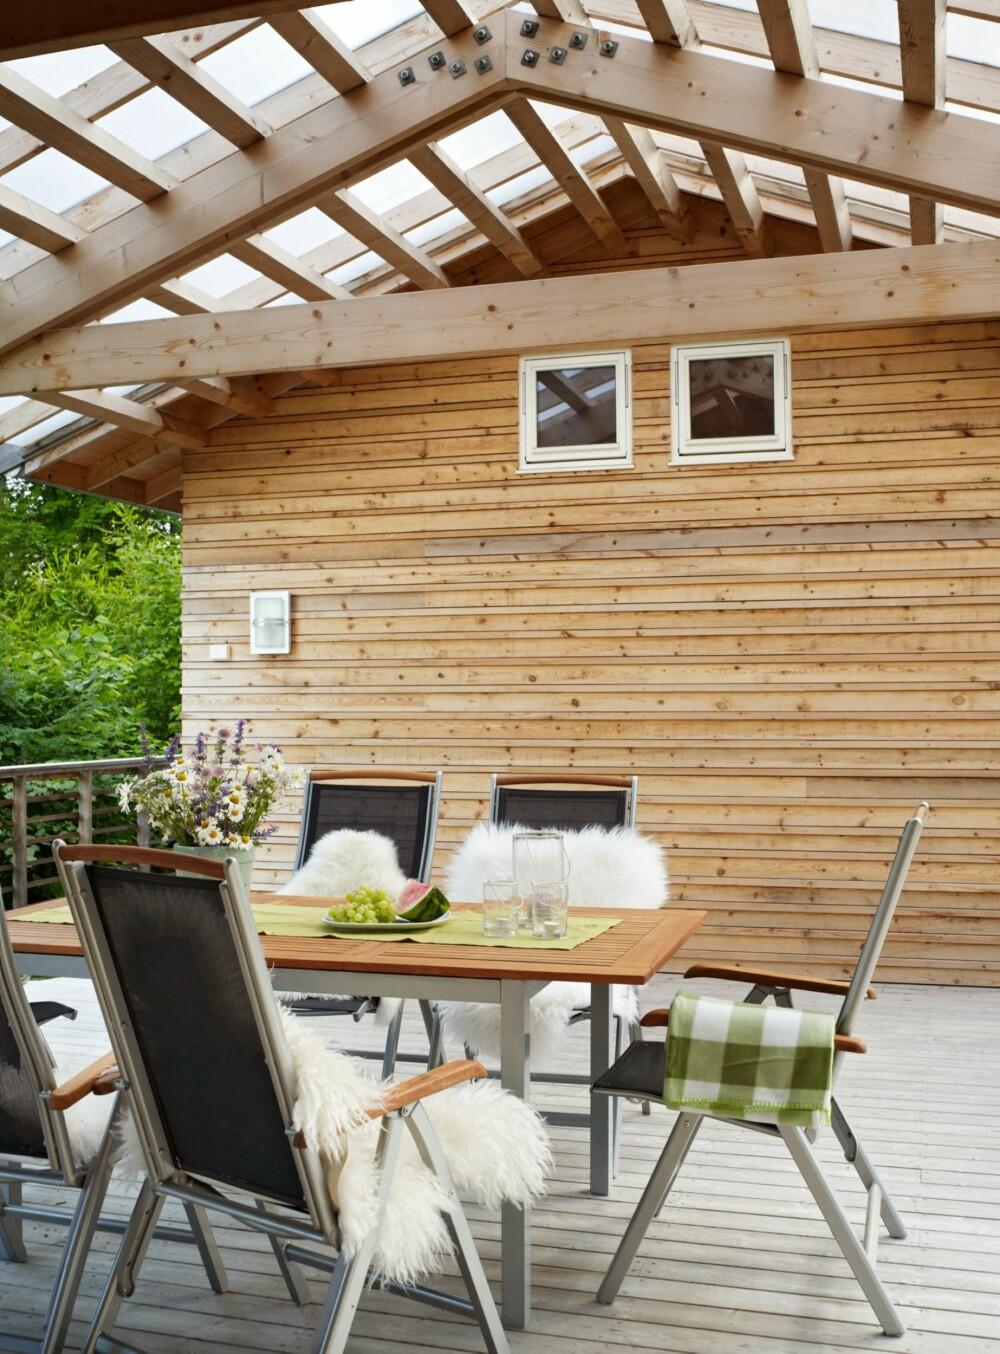 SMART UTEPLASS: Terrassen er hyppig i bruk. Den er overbygget mellom to bygningskropper med pergola som tak. Det gir godt dagslys ned på det som er blitt en populær uteplass